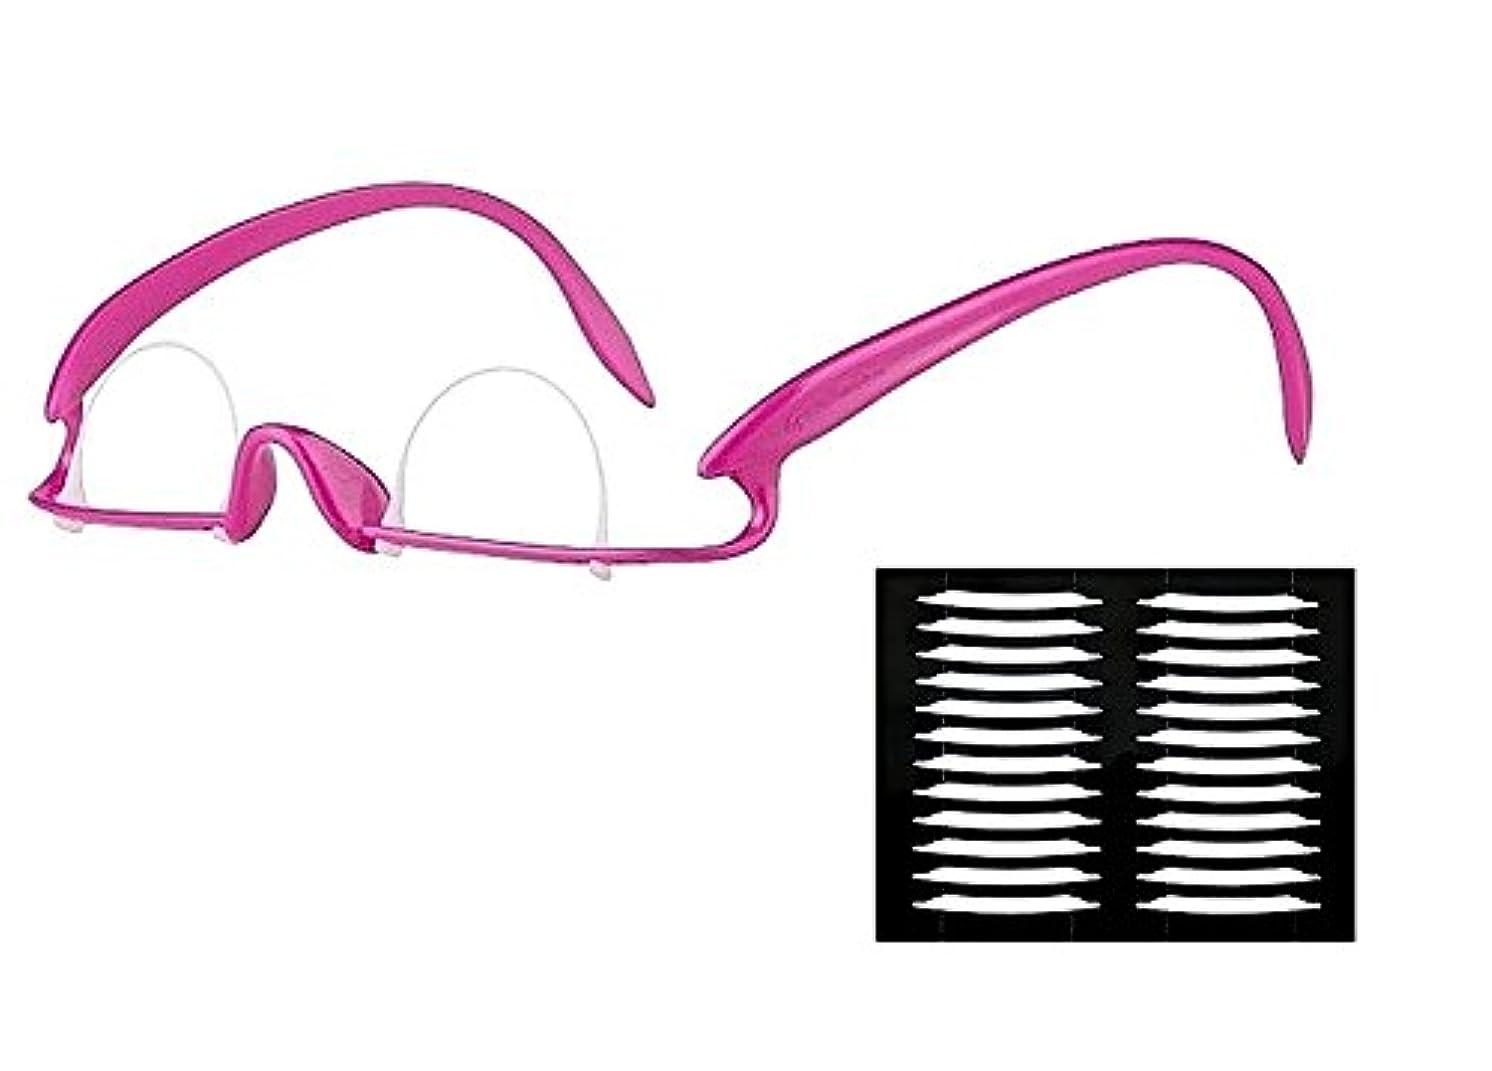 メロドラマティックステージインク【ノーブランド品】二重まぶた 形成器 ふたえ矯正 簡単 美しいアイラインをつくれます